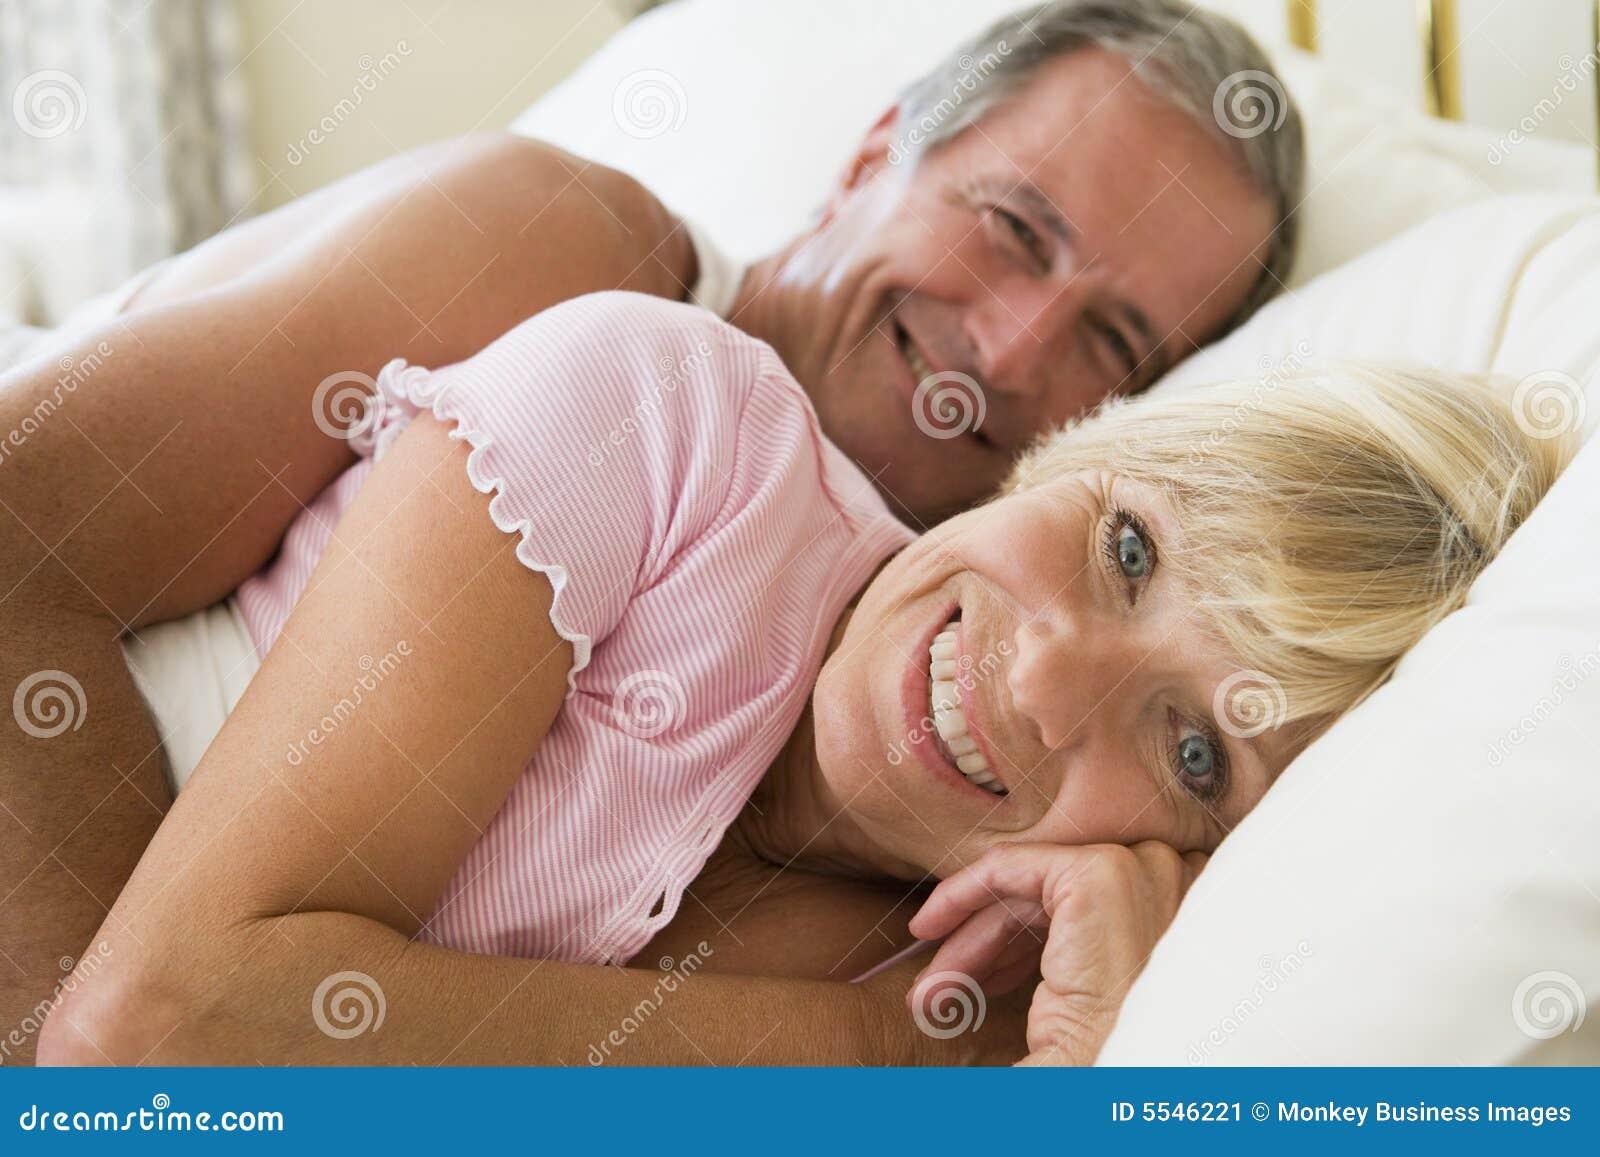 Секс вдвоем в одну дырку, Два члена в одну дырку: порно видео онлайн, смотреть 22 фотография